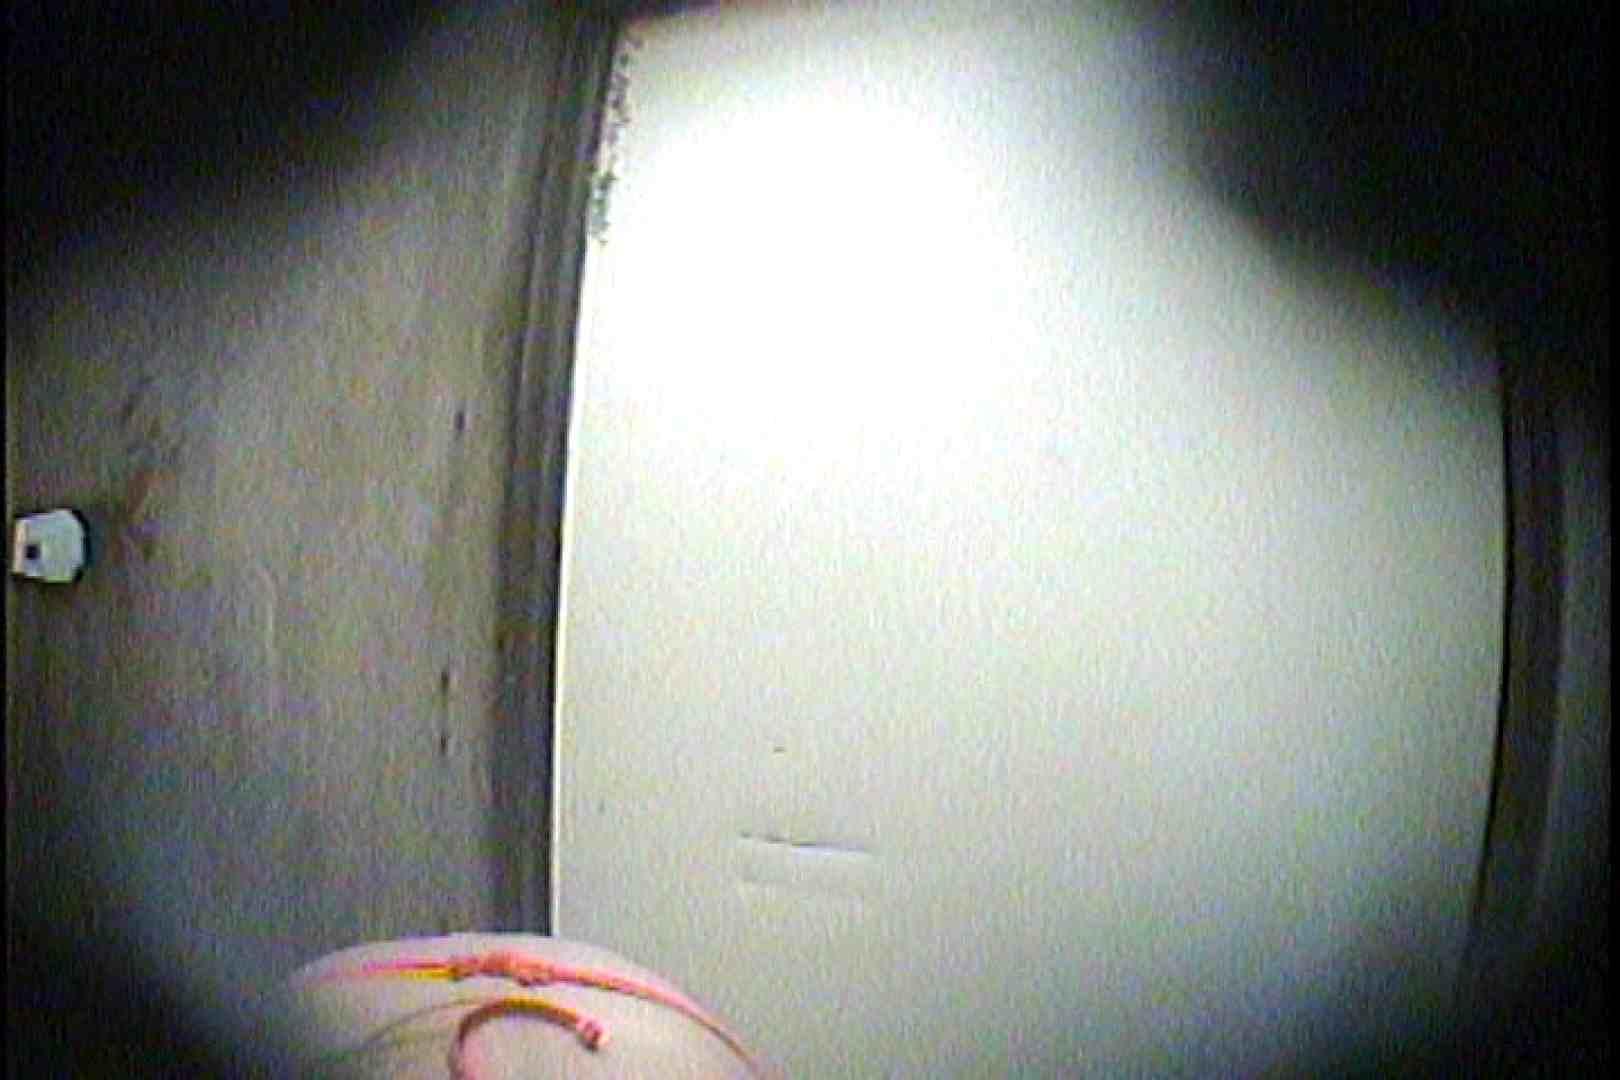 海の家の更衣室 Vol.21 美女のボディ エロ画像 99PIX 26